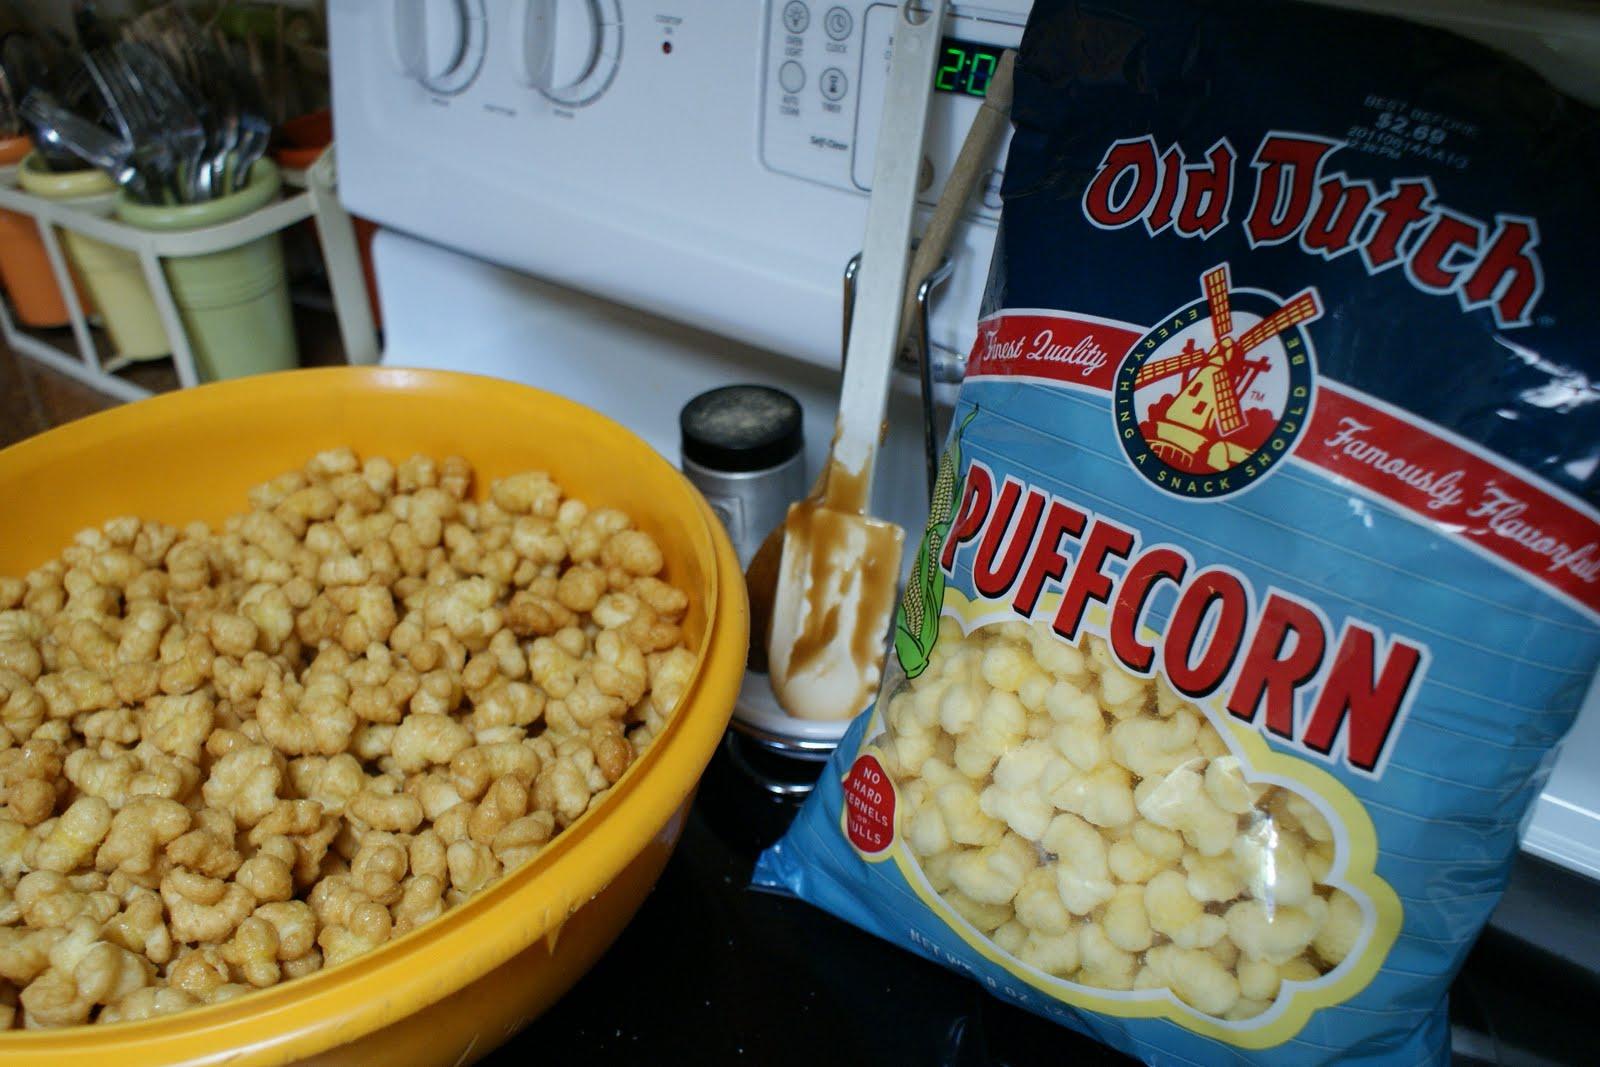 Old Dutch Caramel Puff Corn Recipe